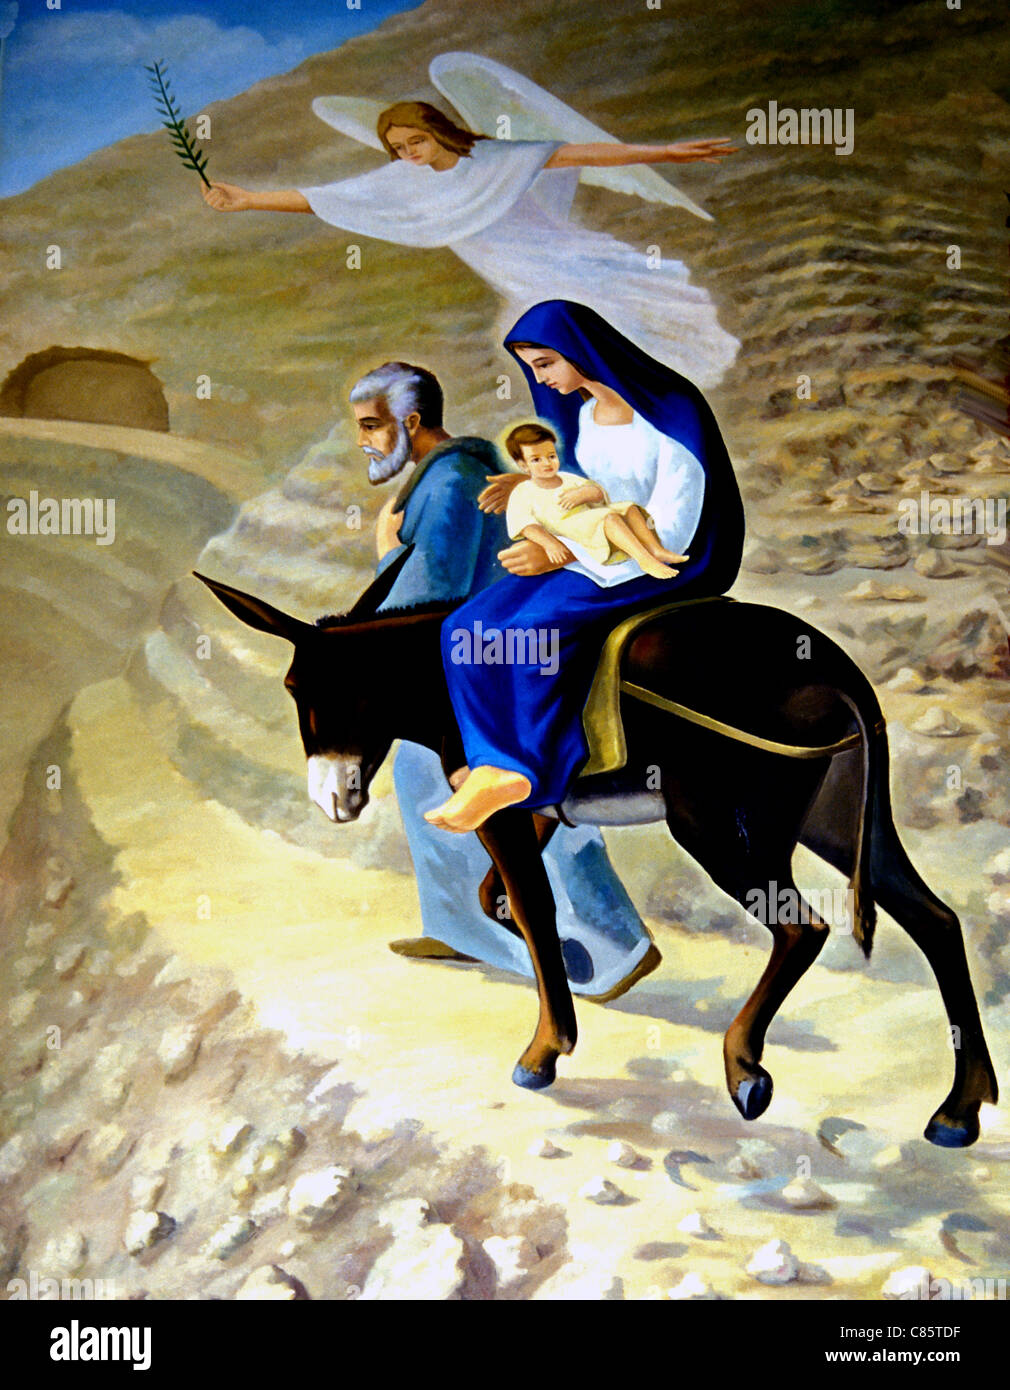 Mural de los viajes de la Sagrada Familia en Egipto, José, María y Jesús montado en un pollino Imagen De Stock